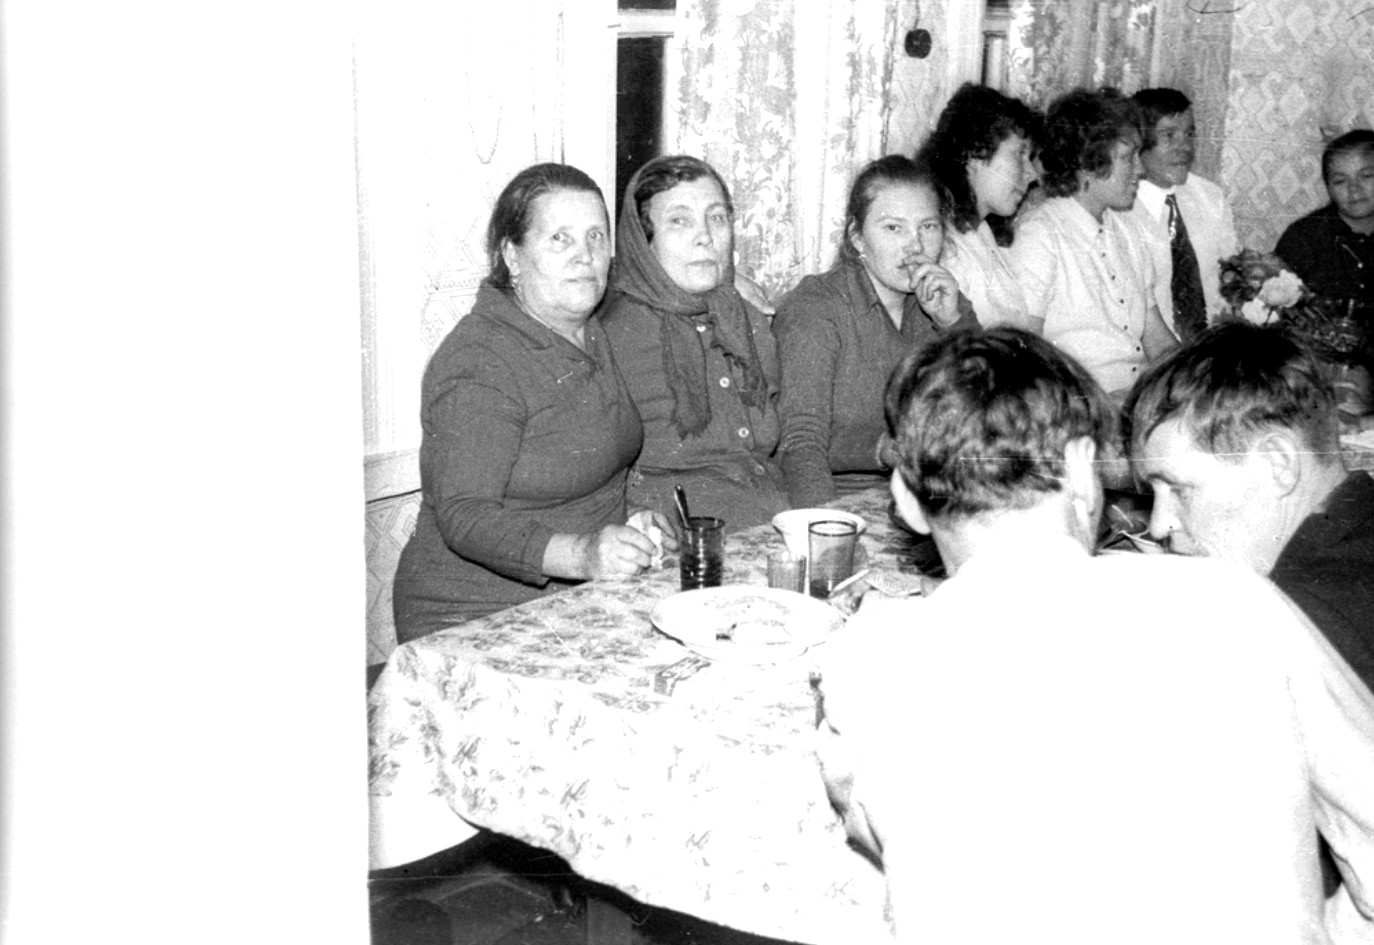 Порно подглядывал за девочками в пионерском лагере